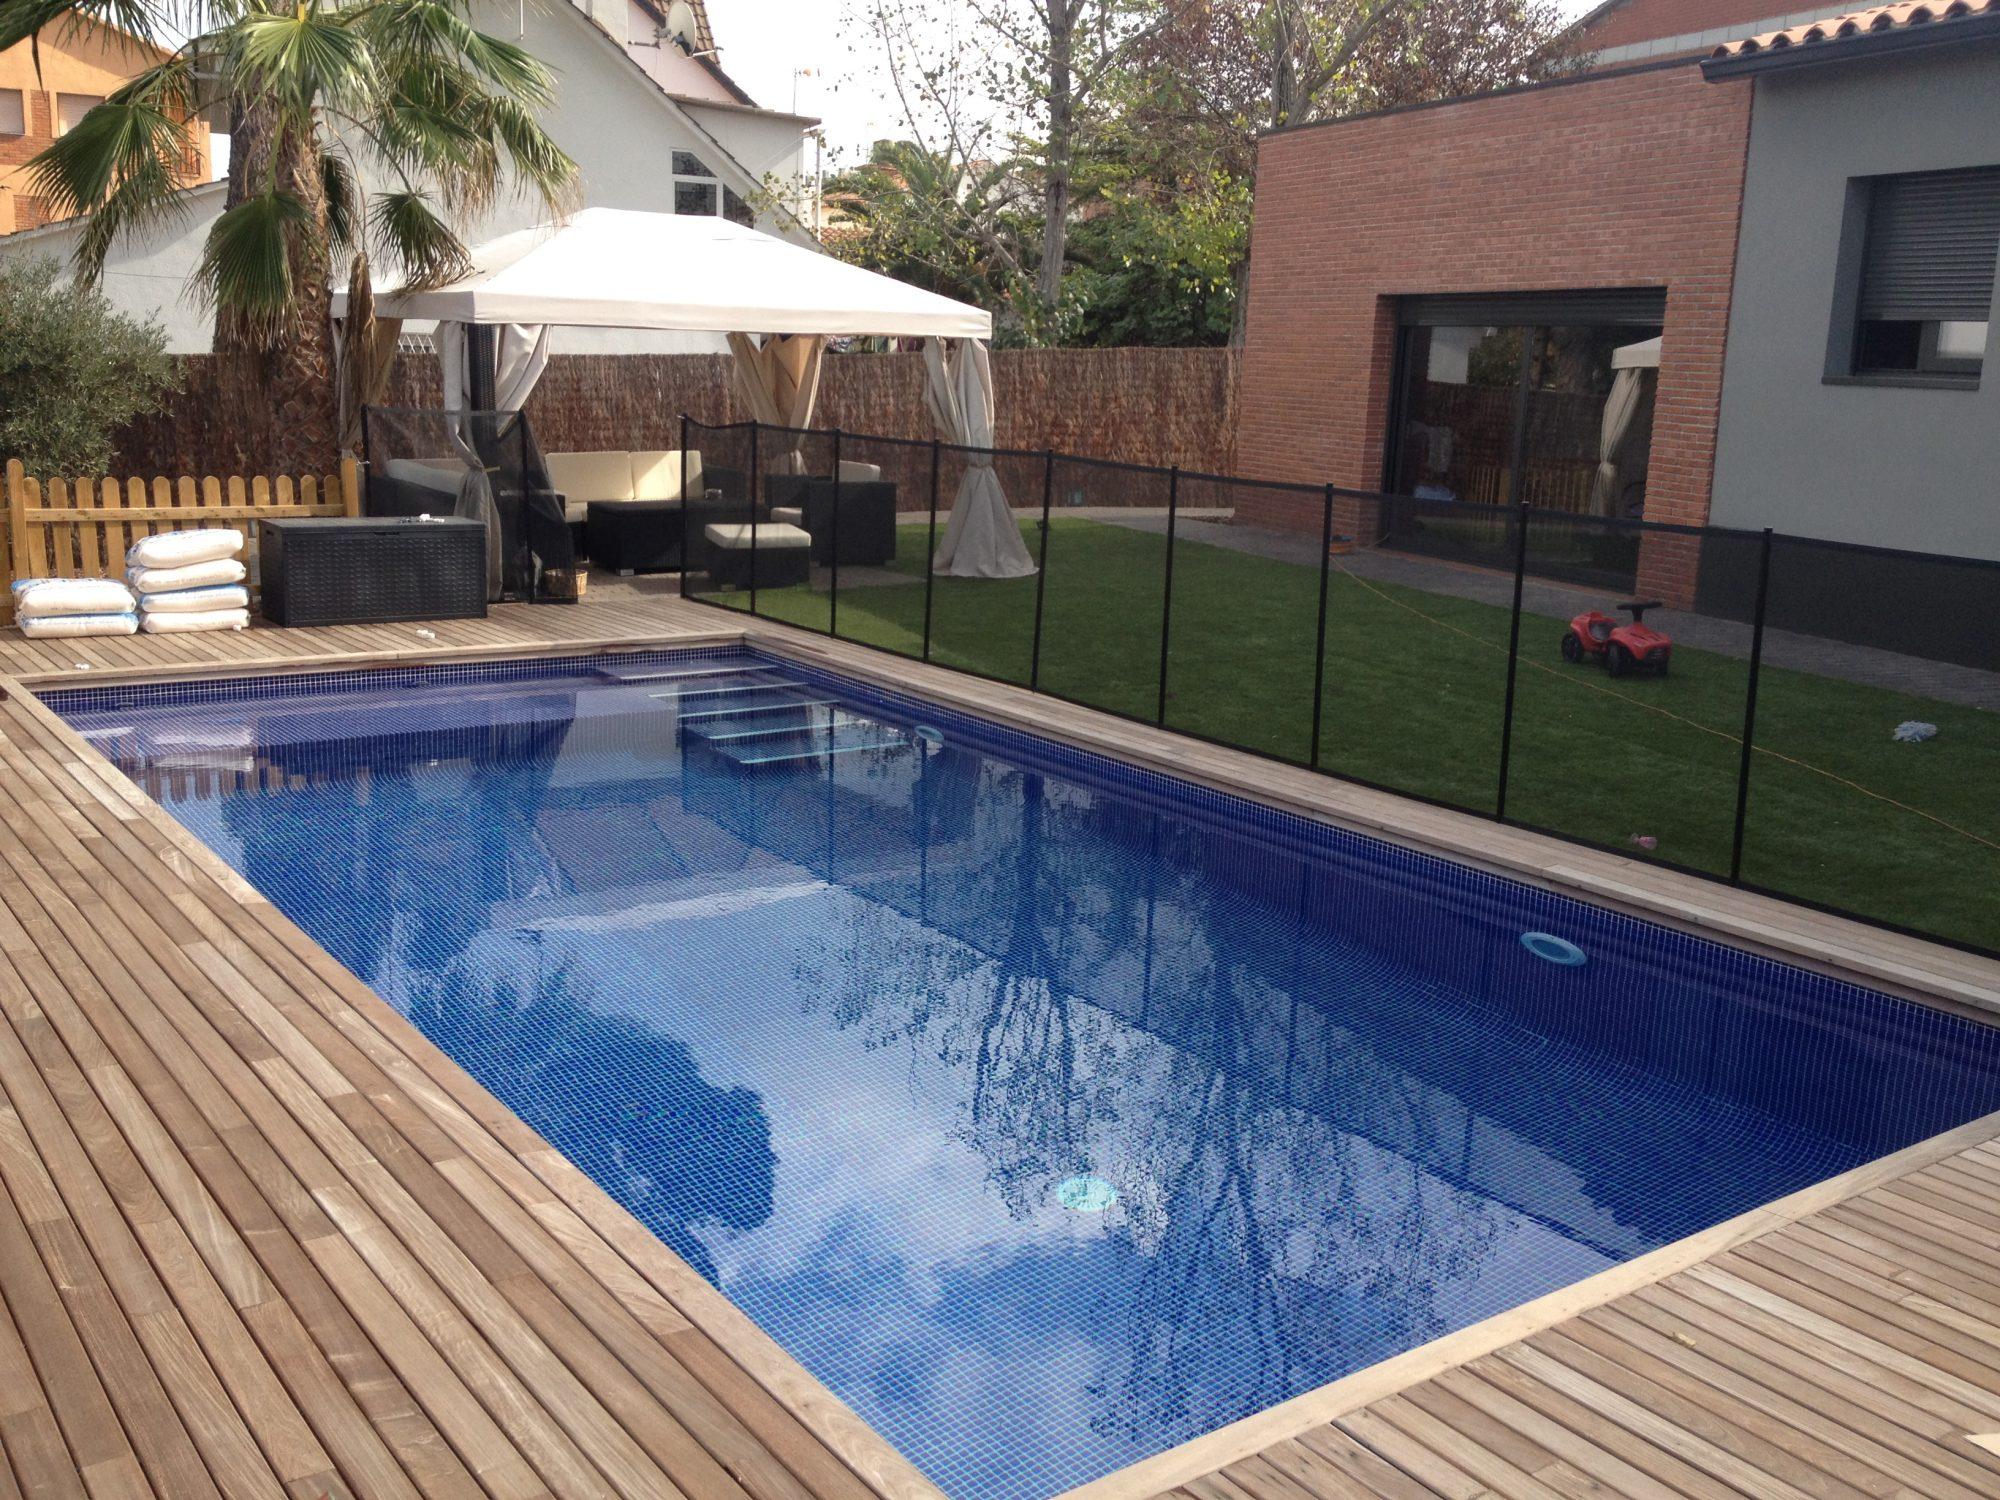 Construcción de piscinas de obra mediante hormigón proyectado en Cataluña